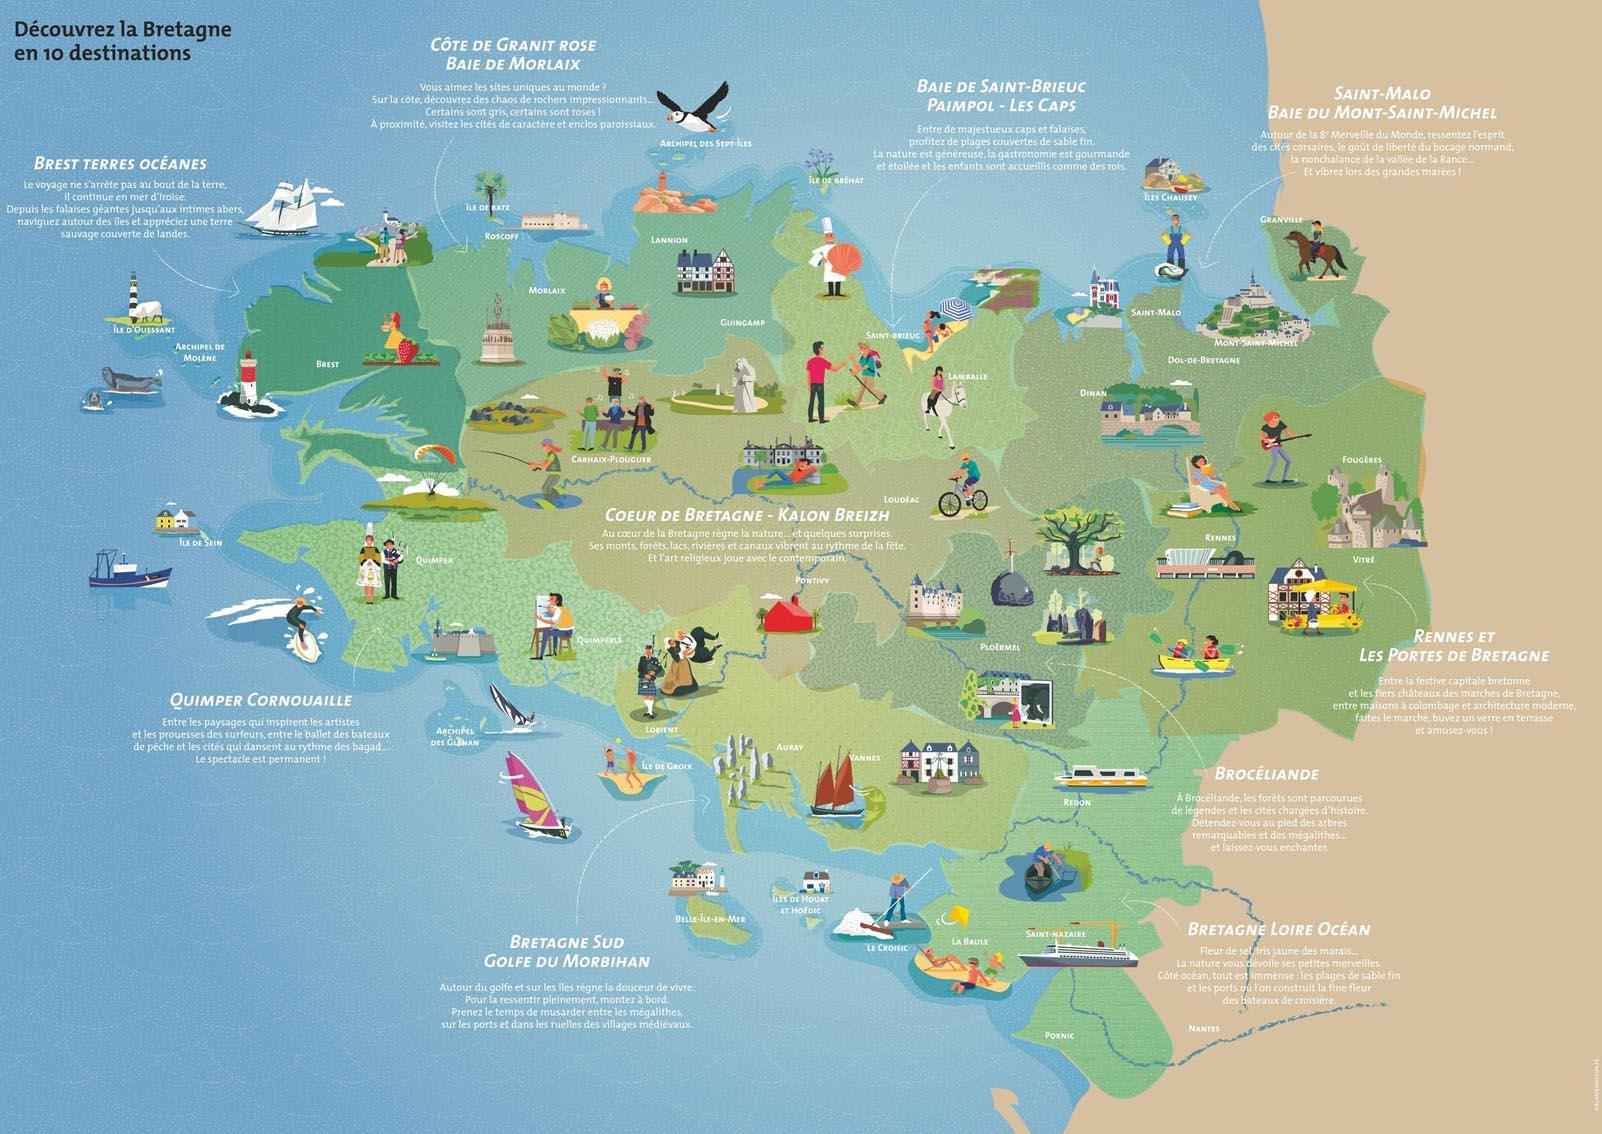 FFRandonnée - Bretagne - Destinations Touristiques - randonnée